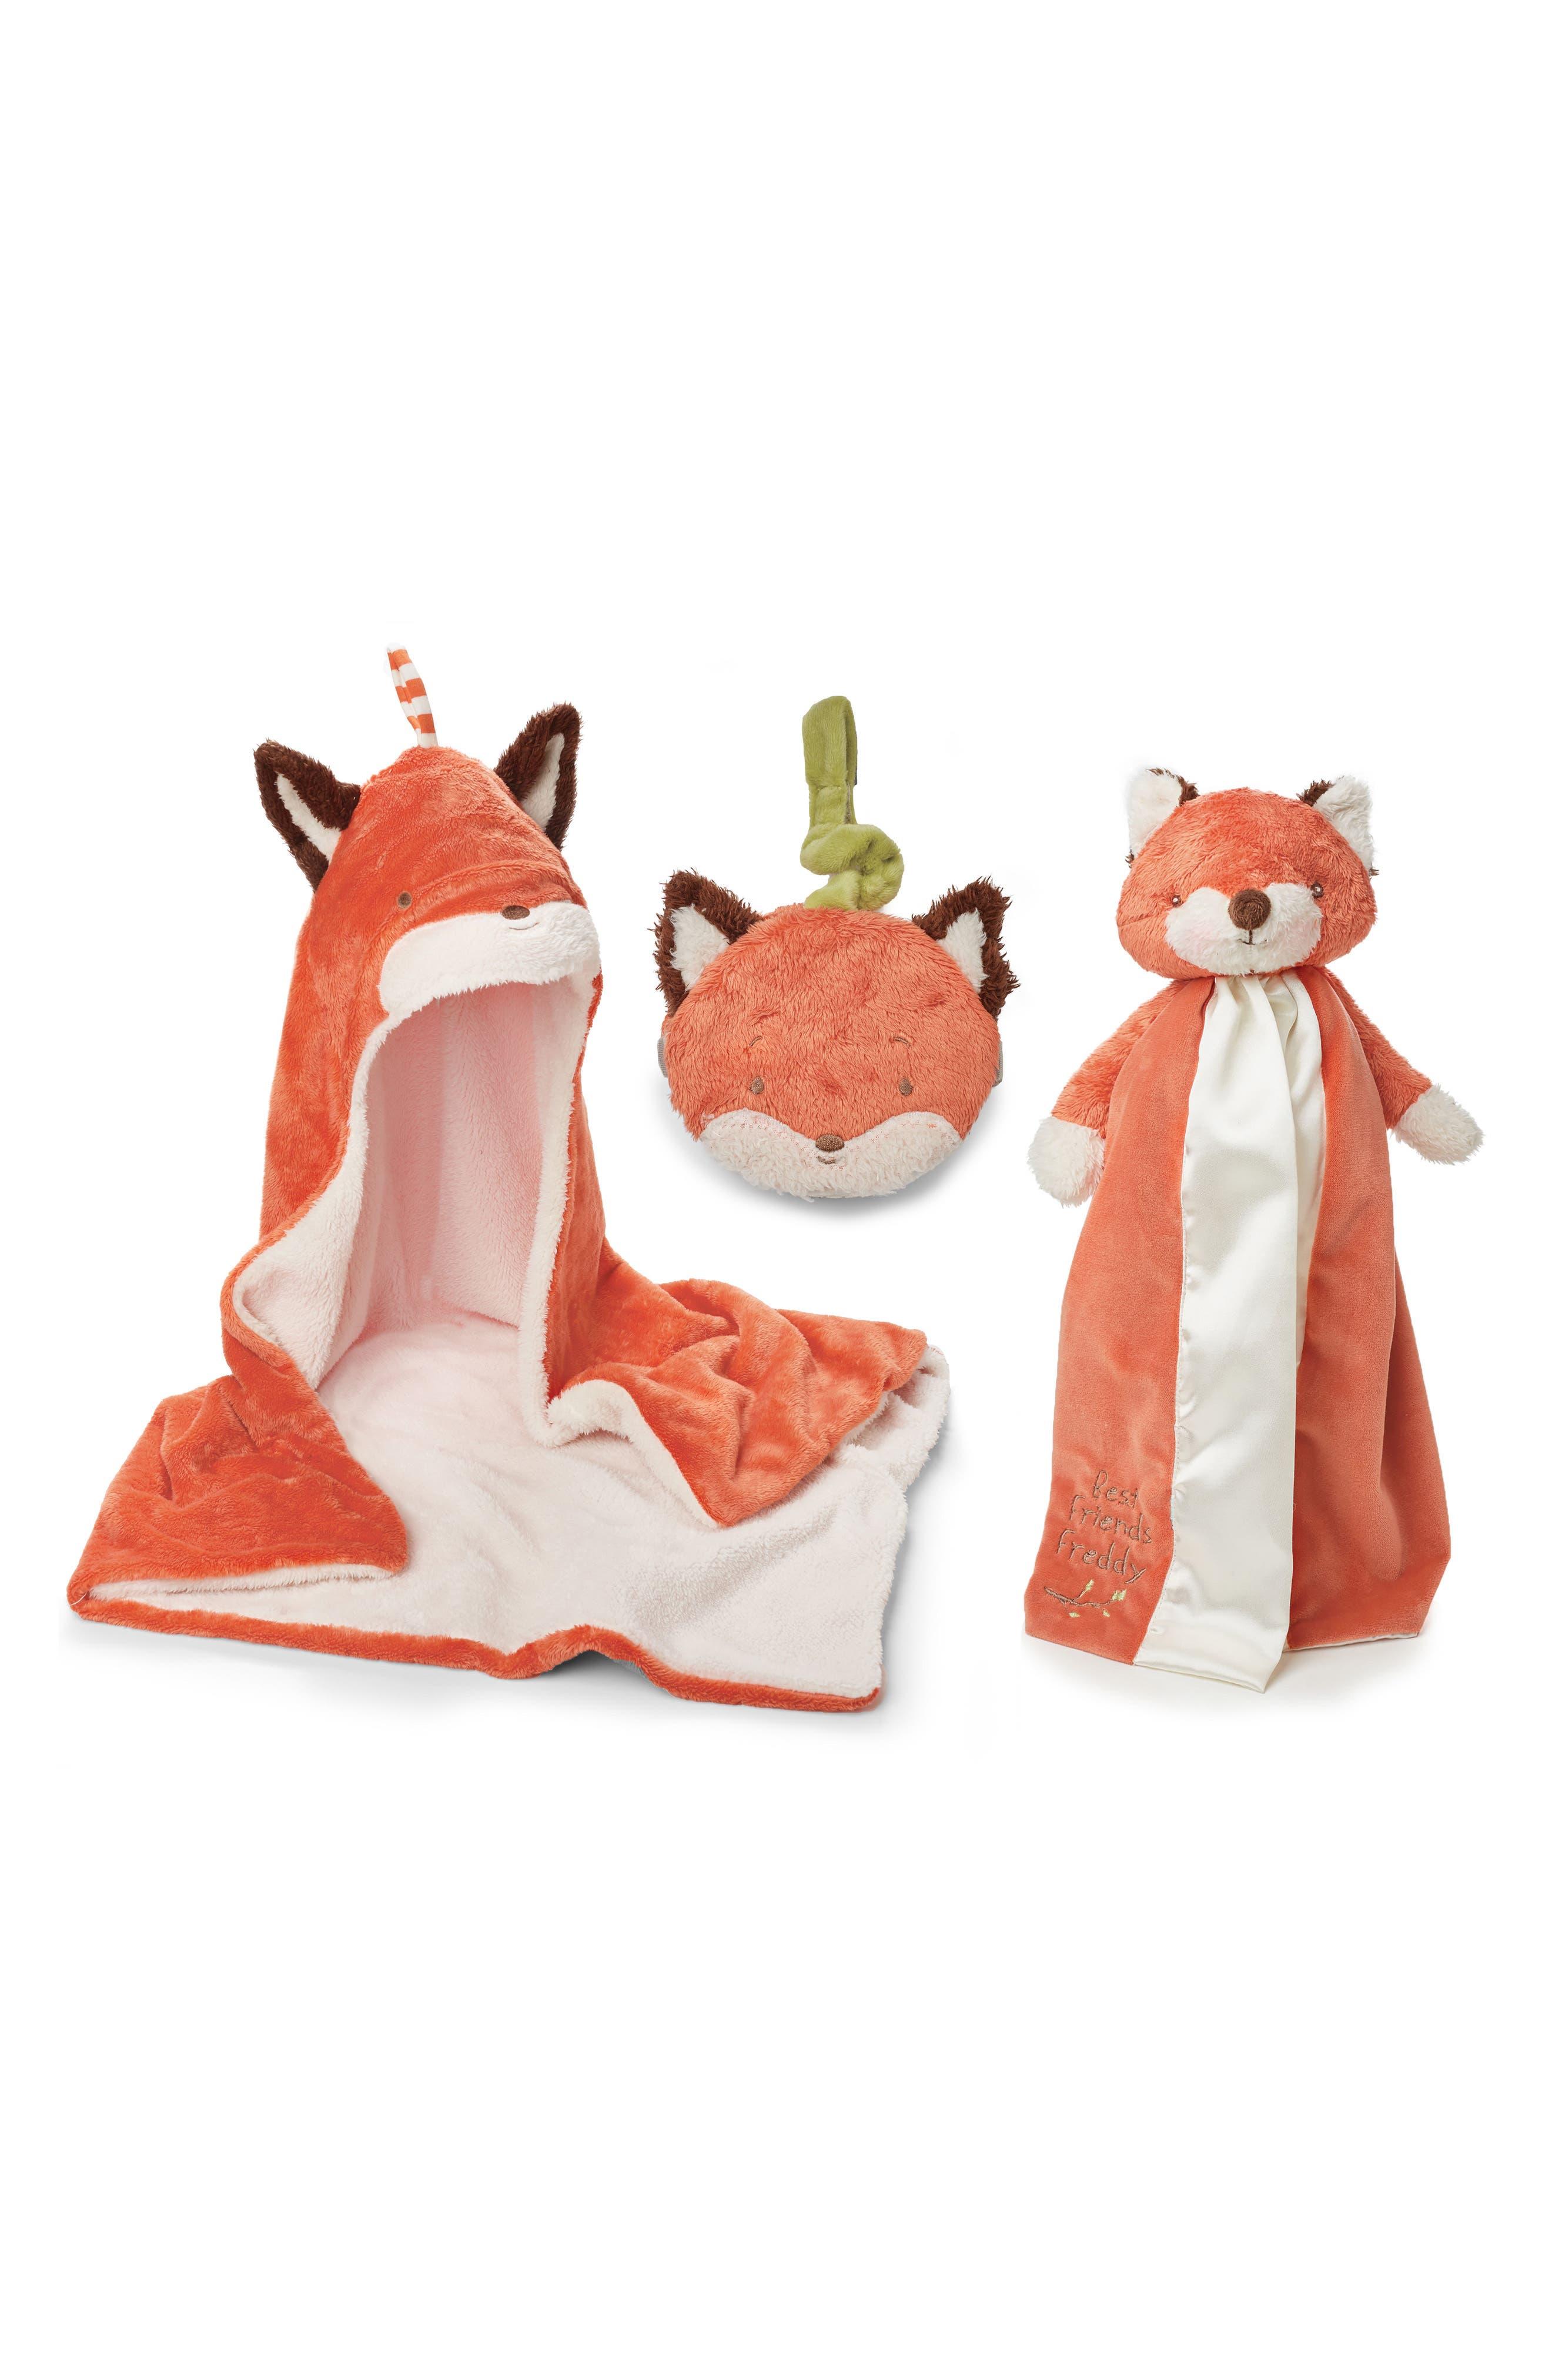 Alternate Image 1 Selected - Bunnies by the Bay Fox Blanket, Book & Lovie Set